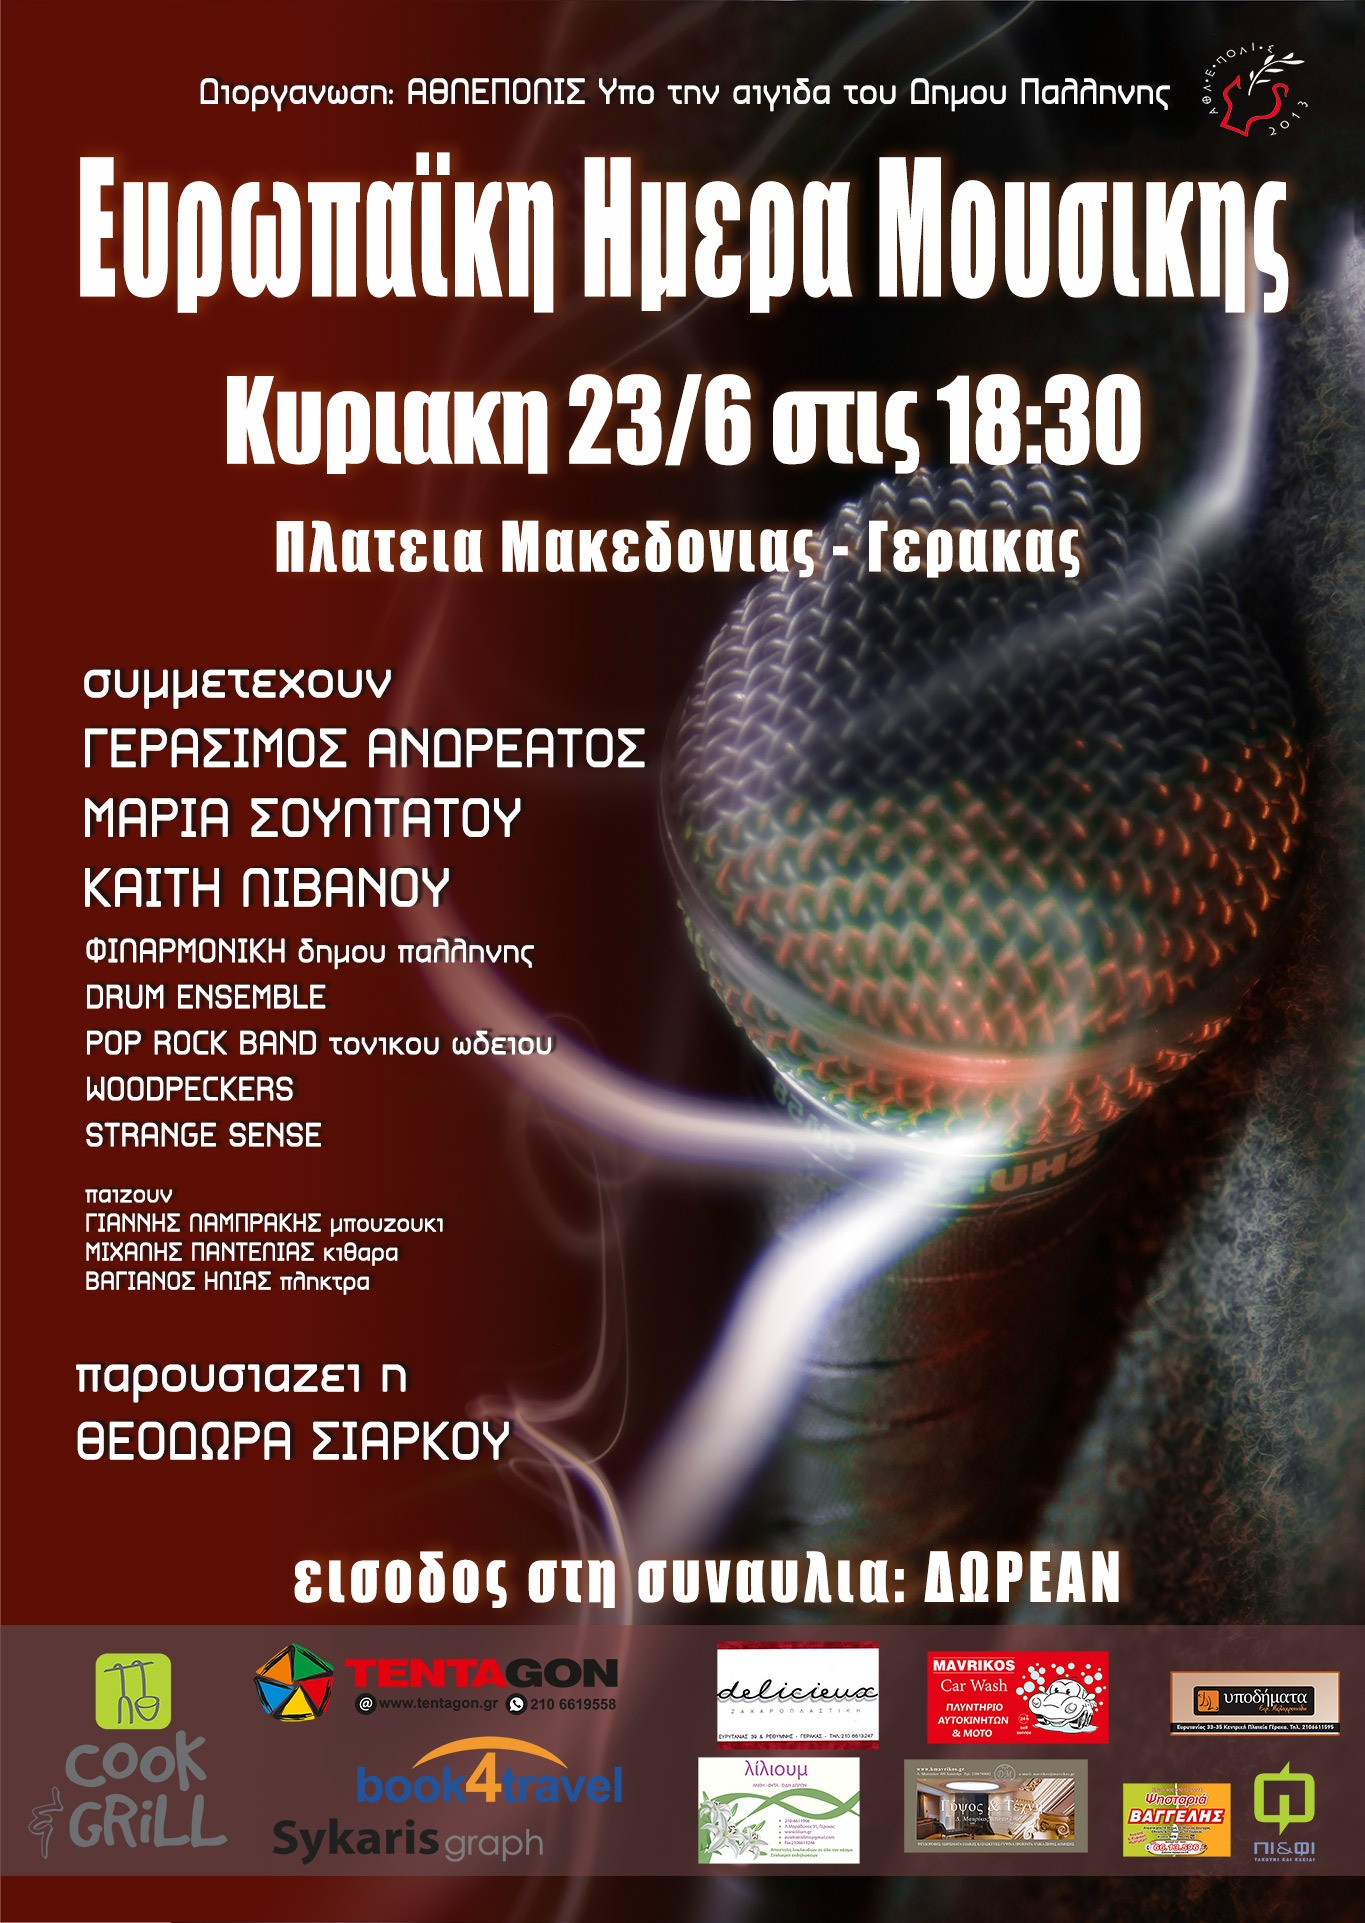 Συναυλία για την Ευρωπαϊκή Ημέρα Μουσικής